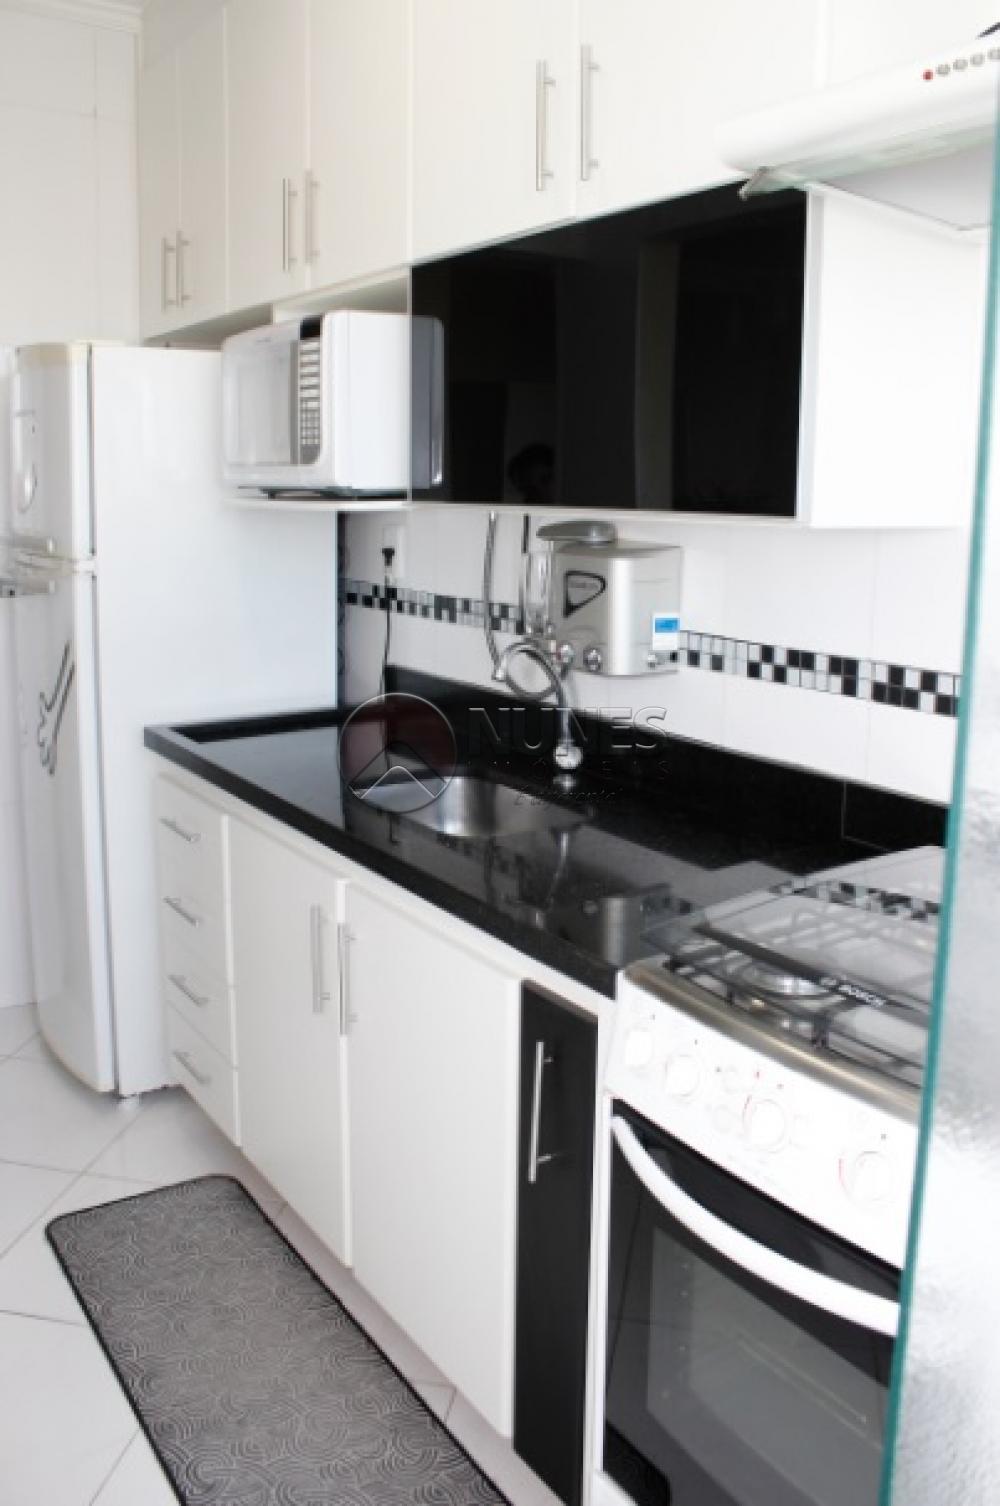 Comprar Apartamento / Padrão em Osasco apenas R$ 224.000,00 - Foto 3